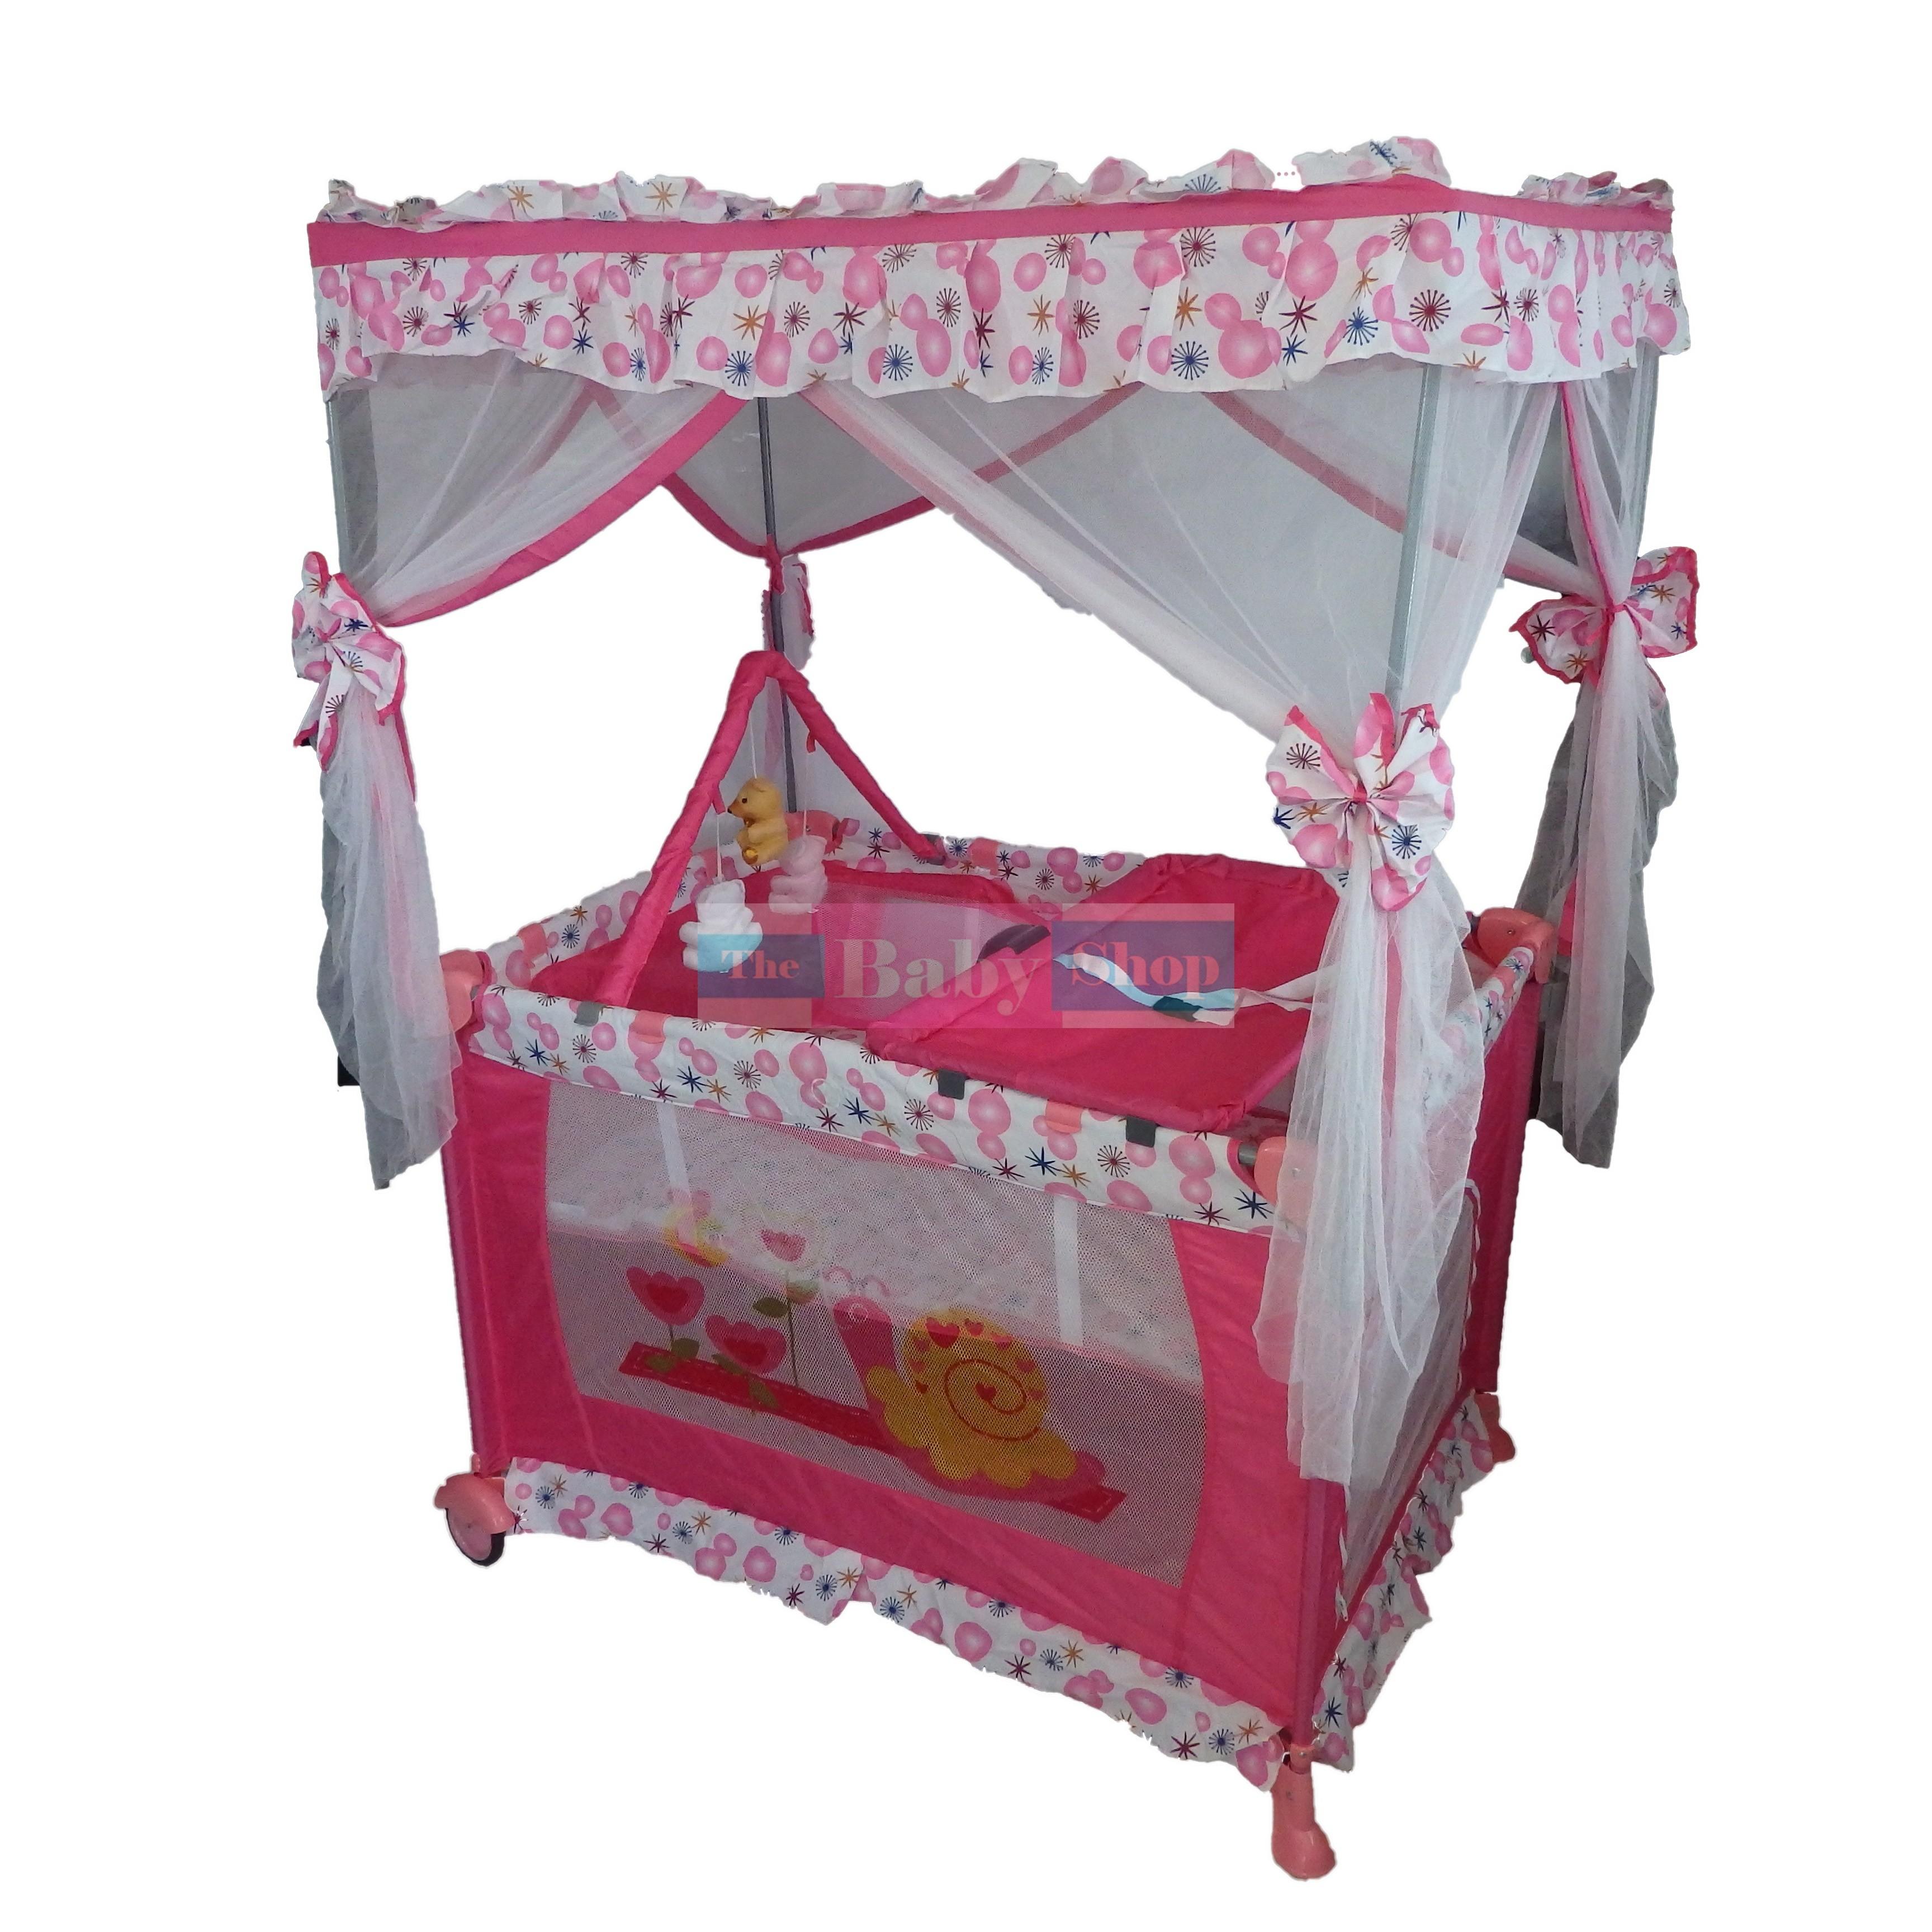 Encantador Cosco Muebles Cunas Motivo - Muebles Para Ideas de Diseño ...